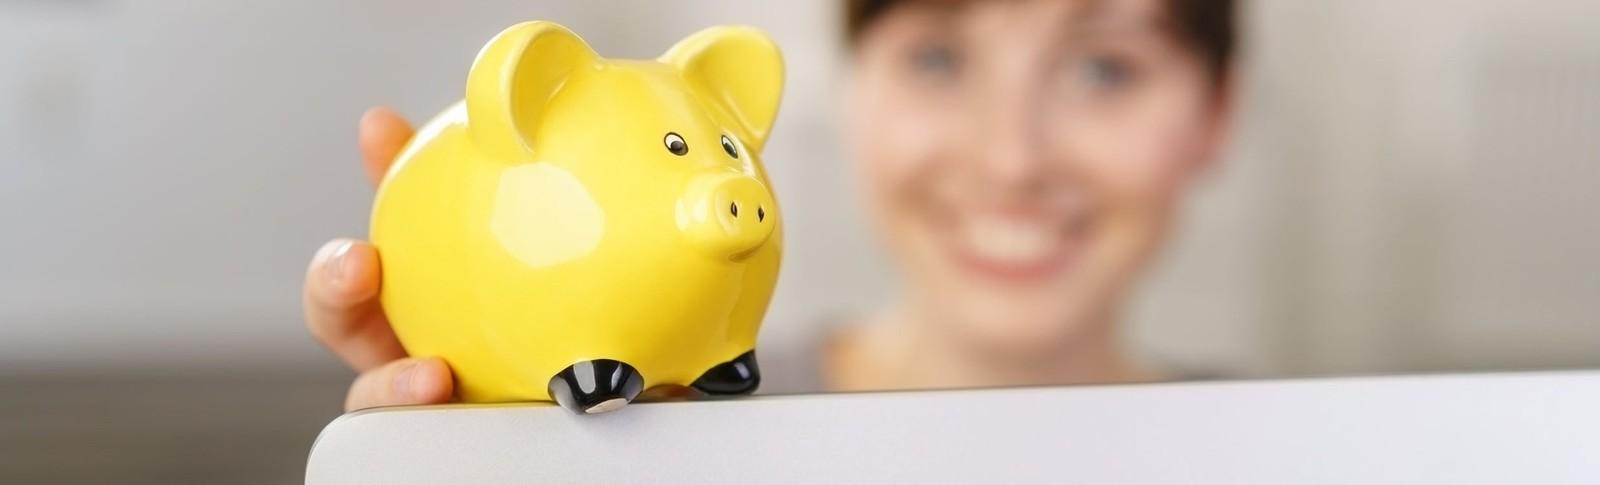 Frau hält gelbes Sparschwein in der Hand, denn in den Moser Kliniken kann sie ihre Fettabsaugung auf Raten bezahlen